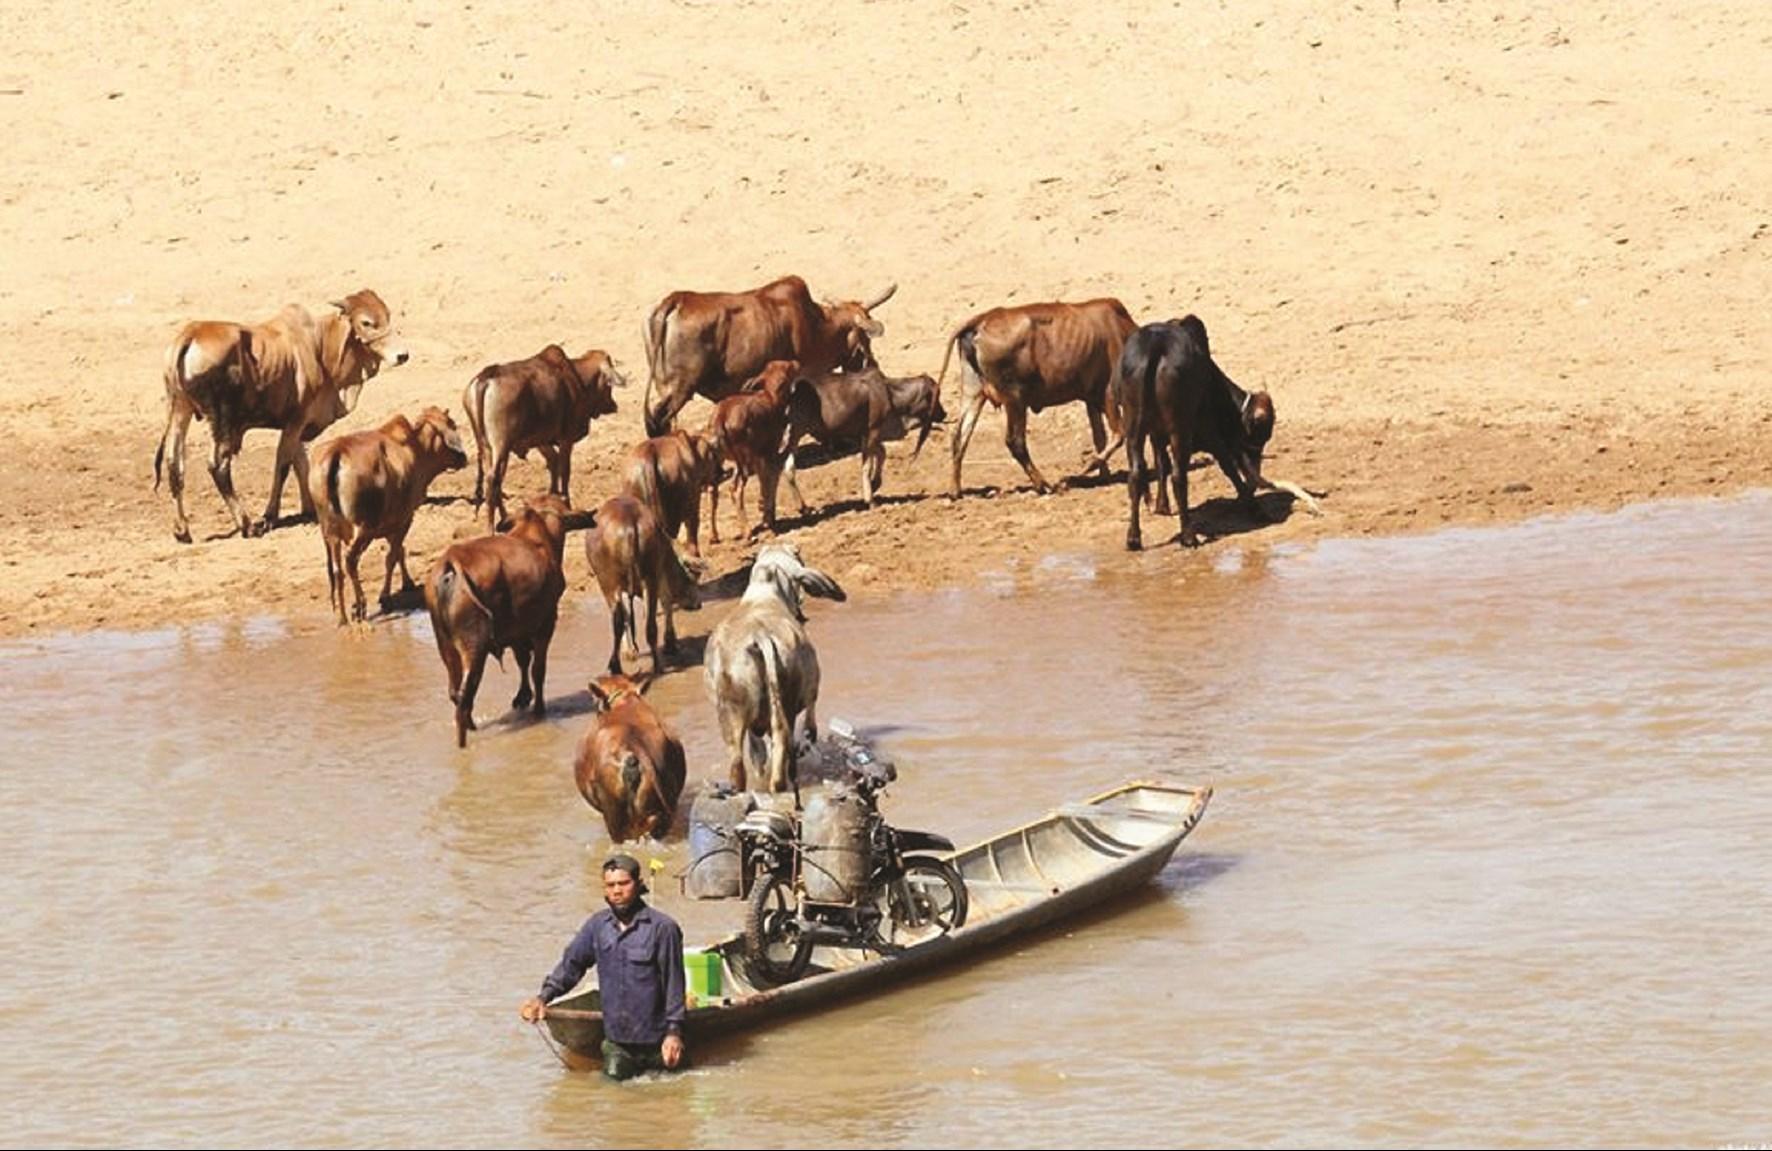 Nhiều người tranh thủ lùa bò xuống hồ để tắm mát và uống nước